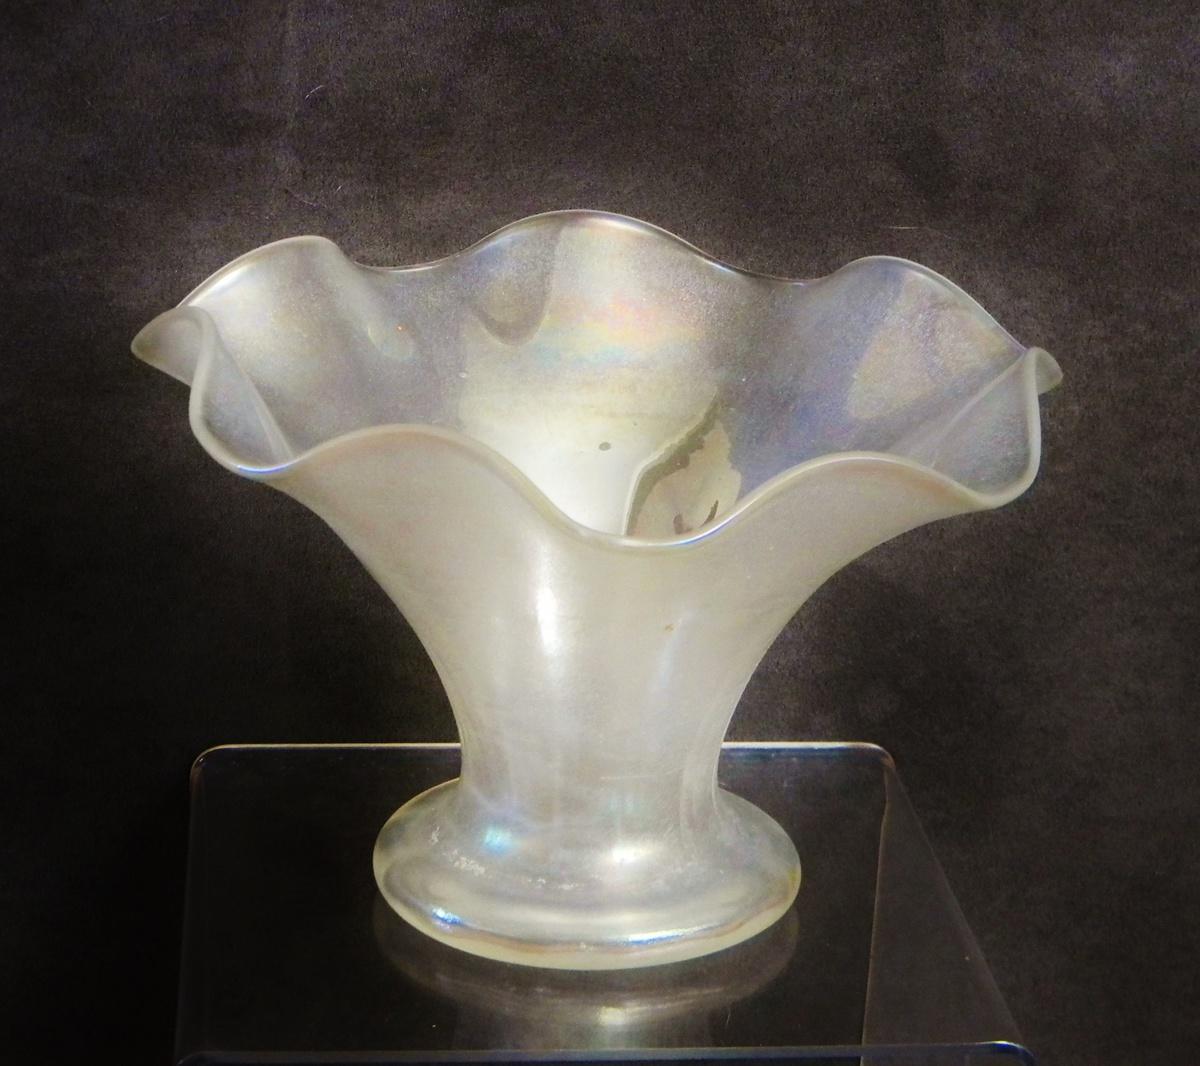 art deco stueben carder fluted verre de soie ruffled vase shape 354 collectors weekly. Black Bedroom Furniture Sets. Home Design Ideas